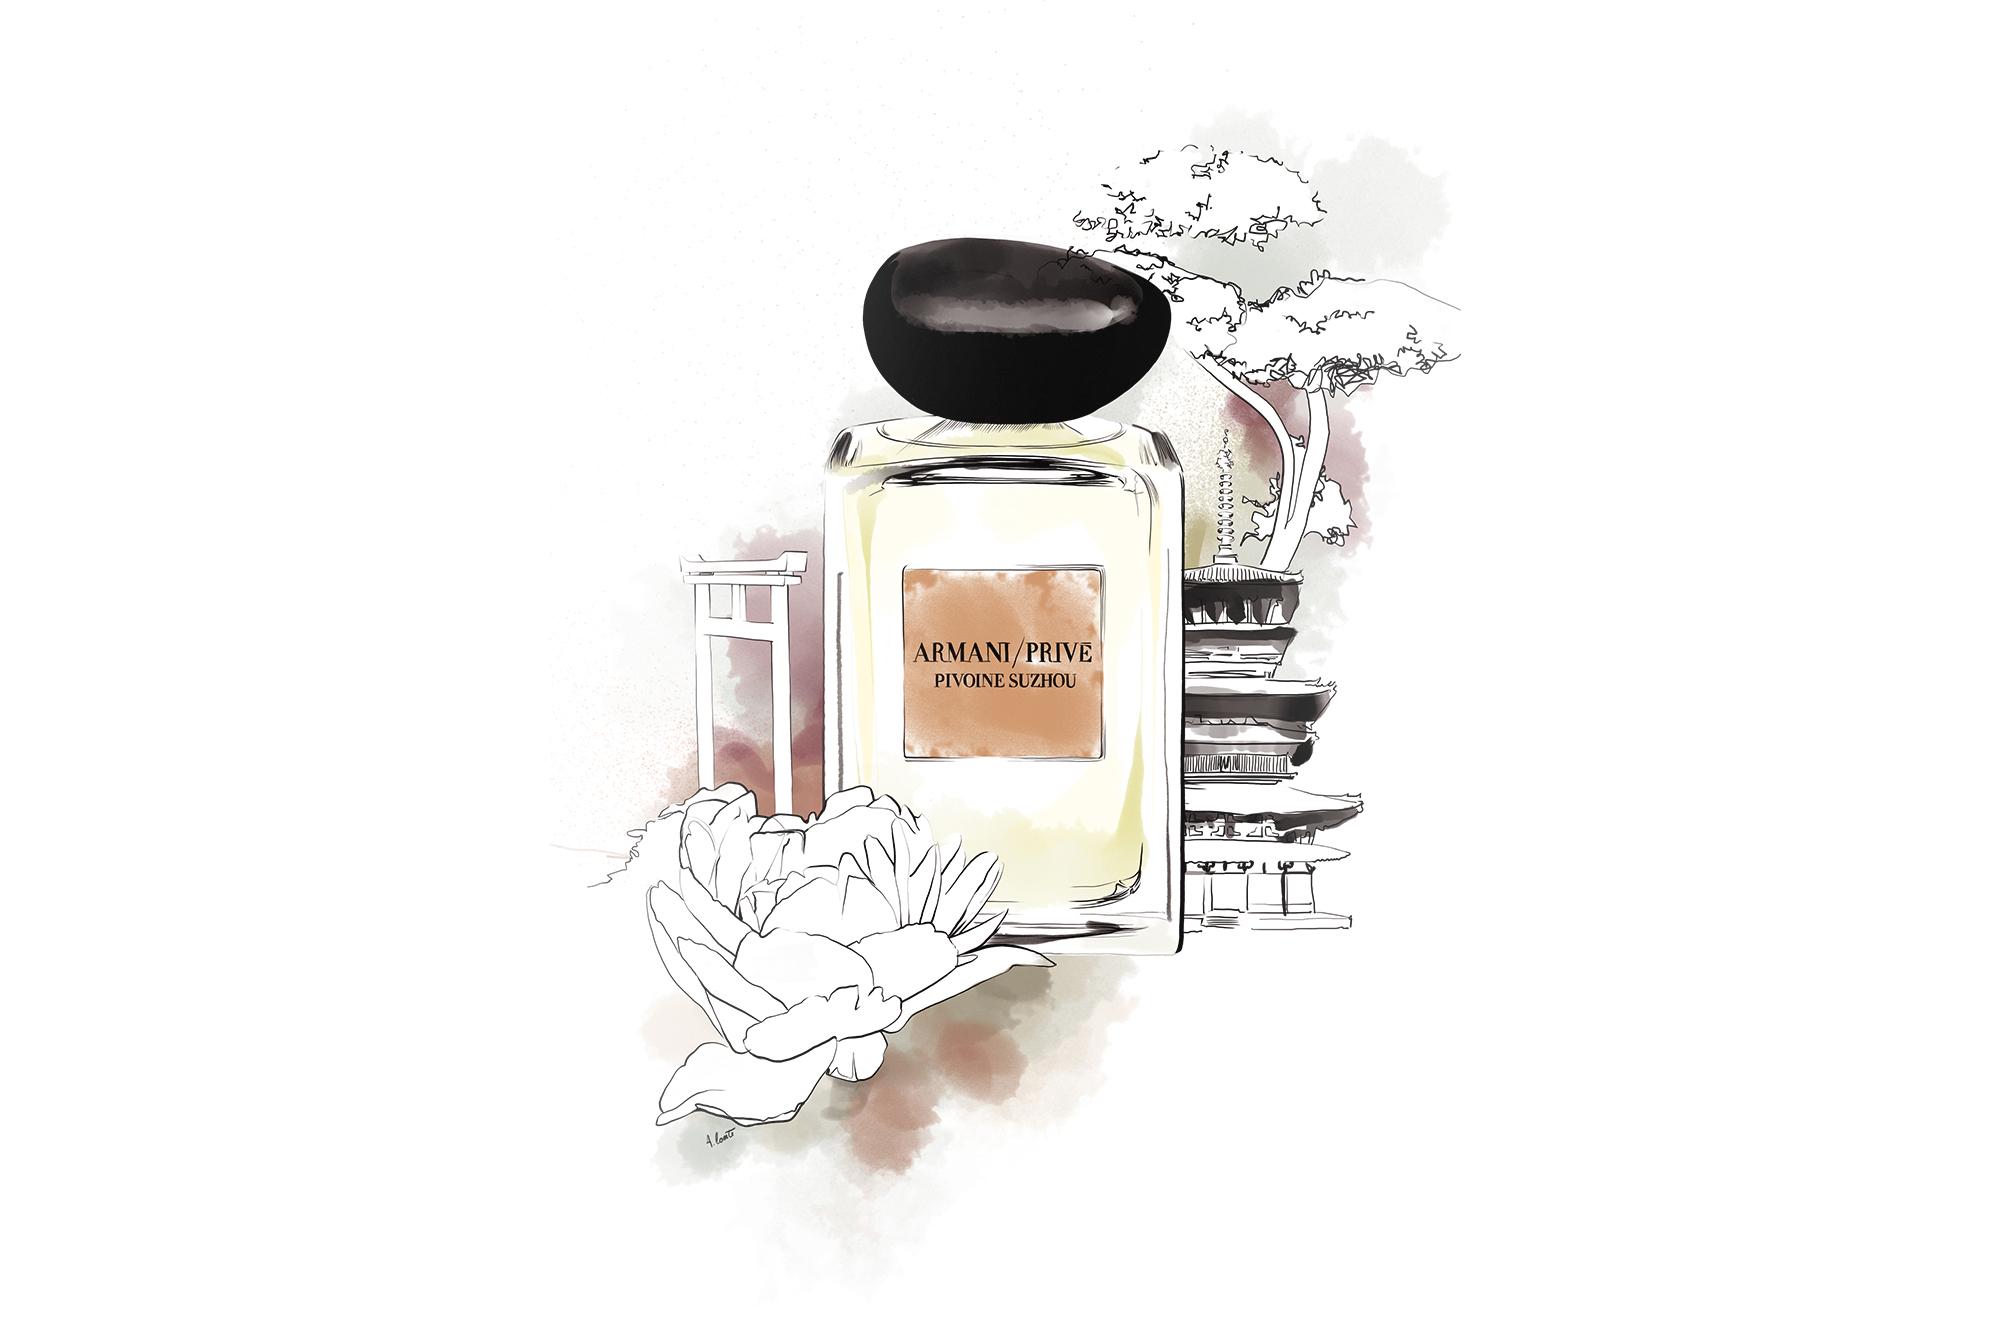 dessin_parfum_pivoine_armani